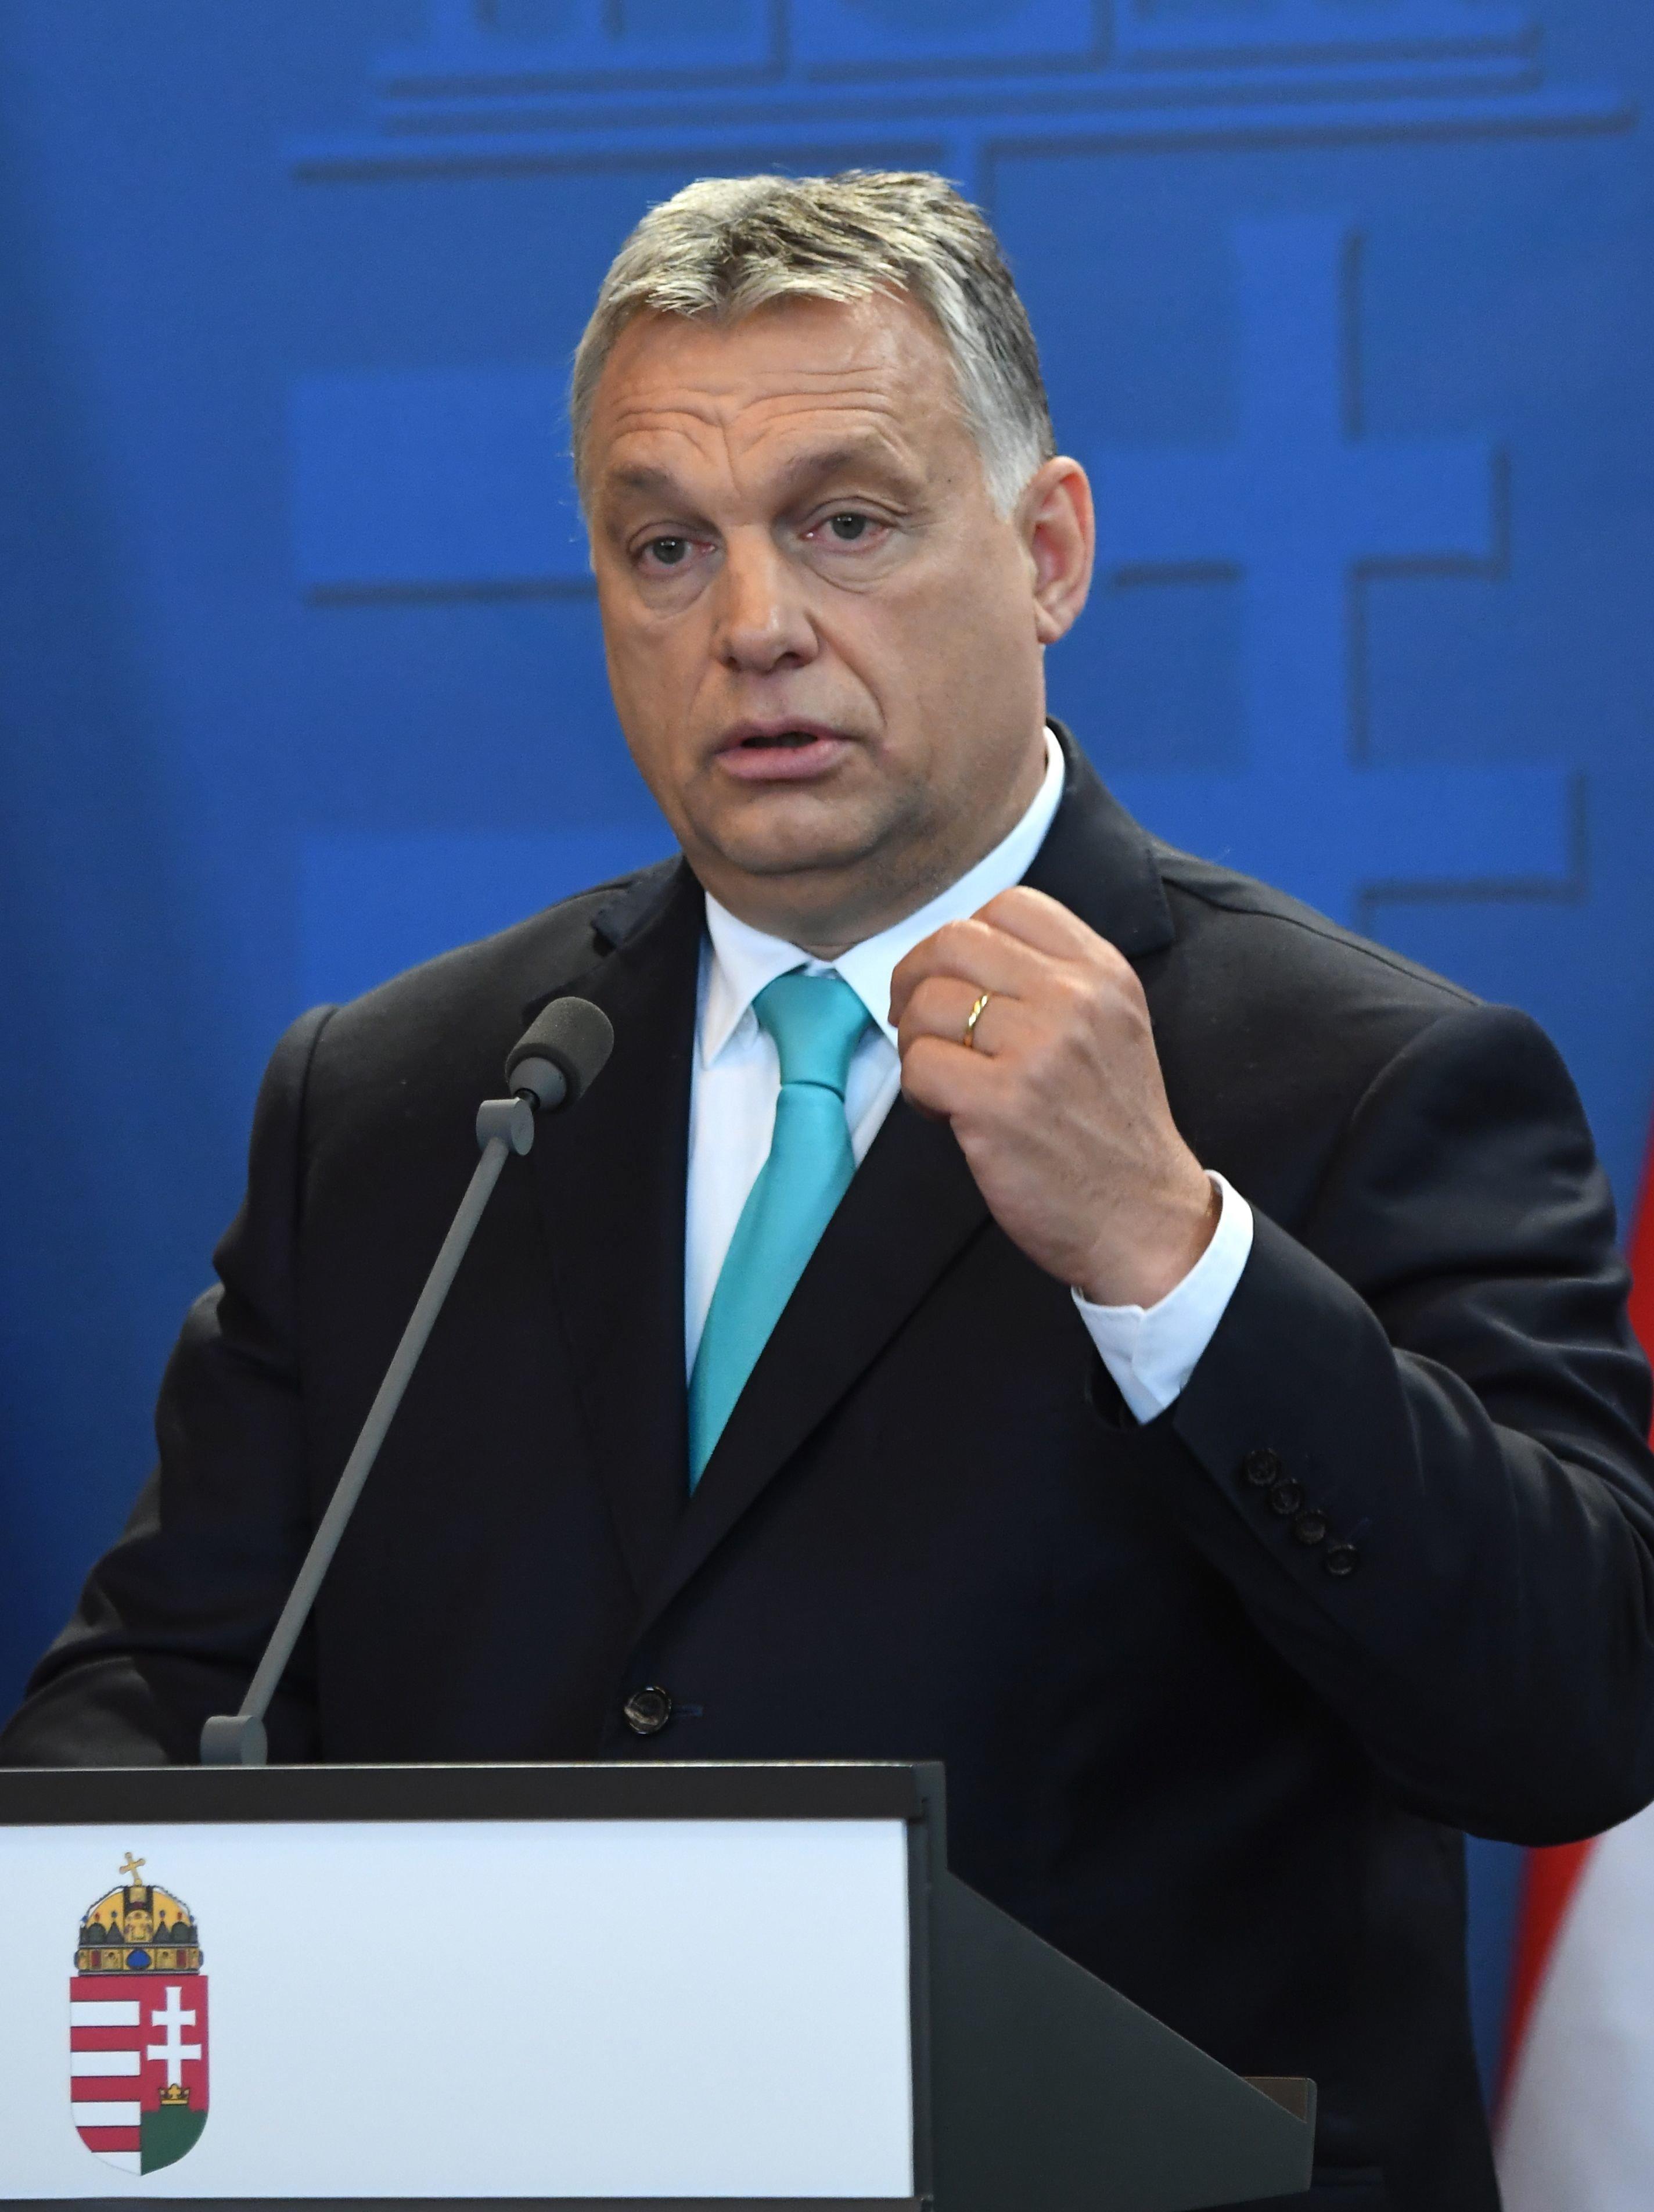 헝가리 극우정권이 극단적인 반이민 정책을